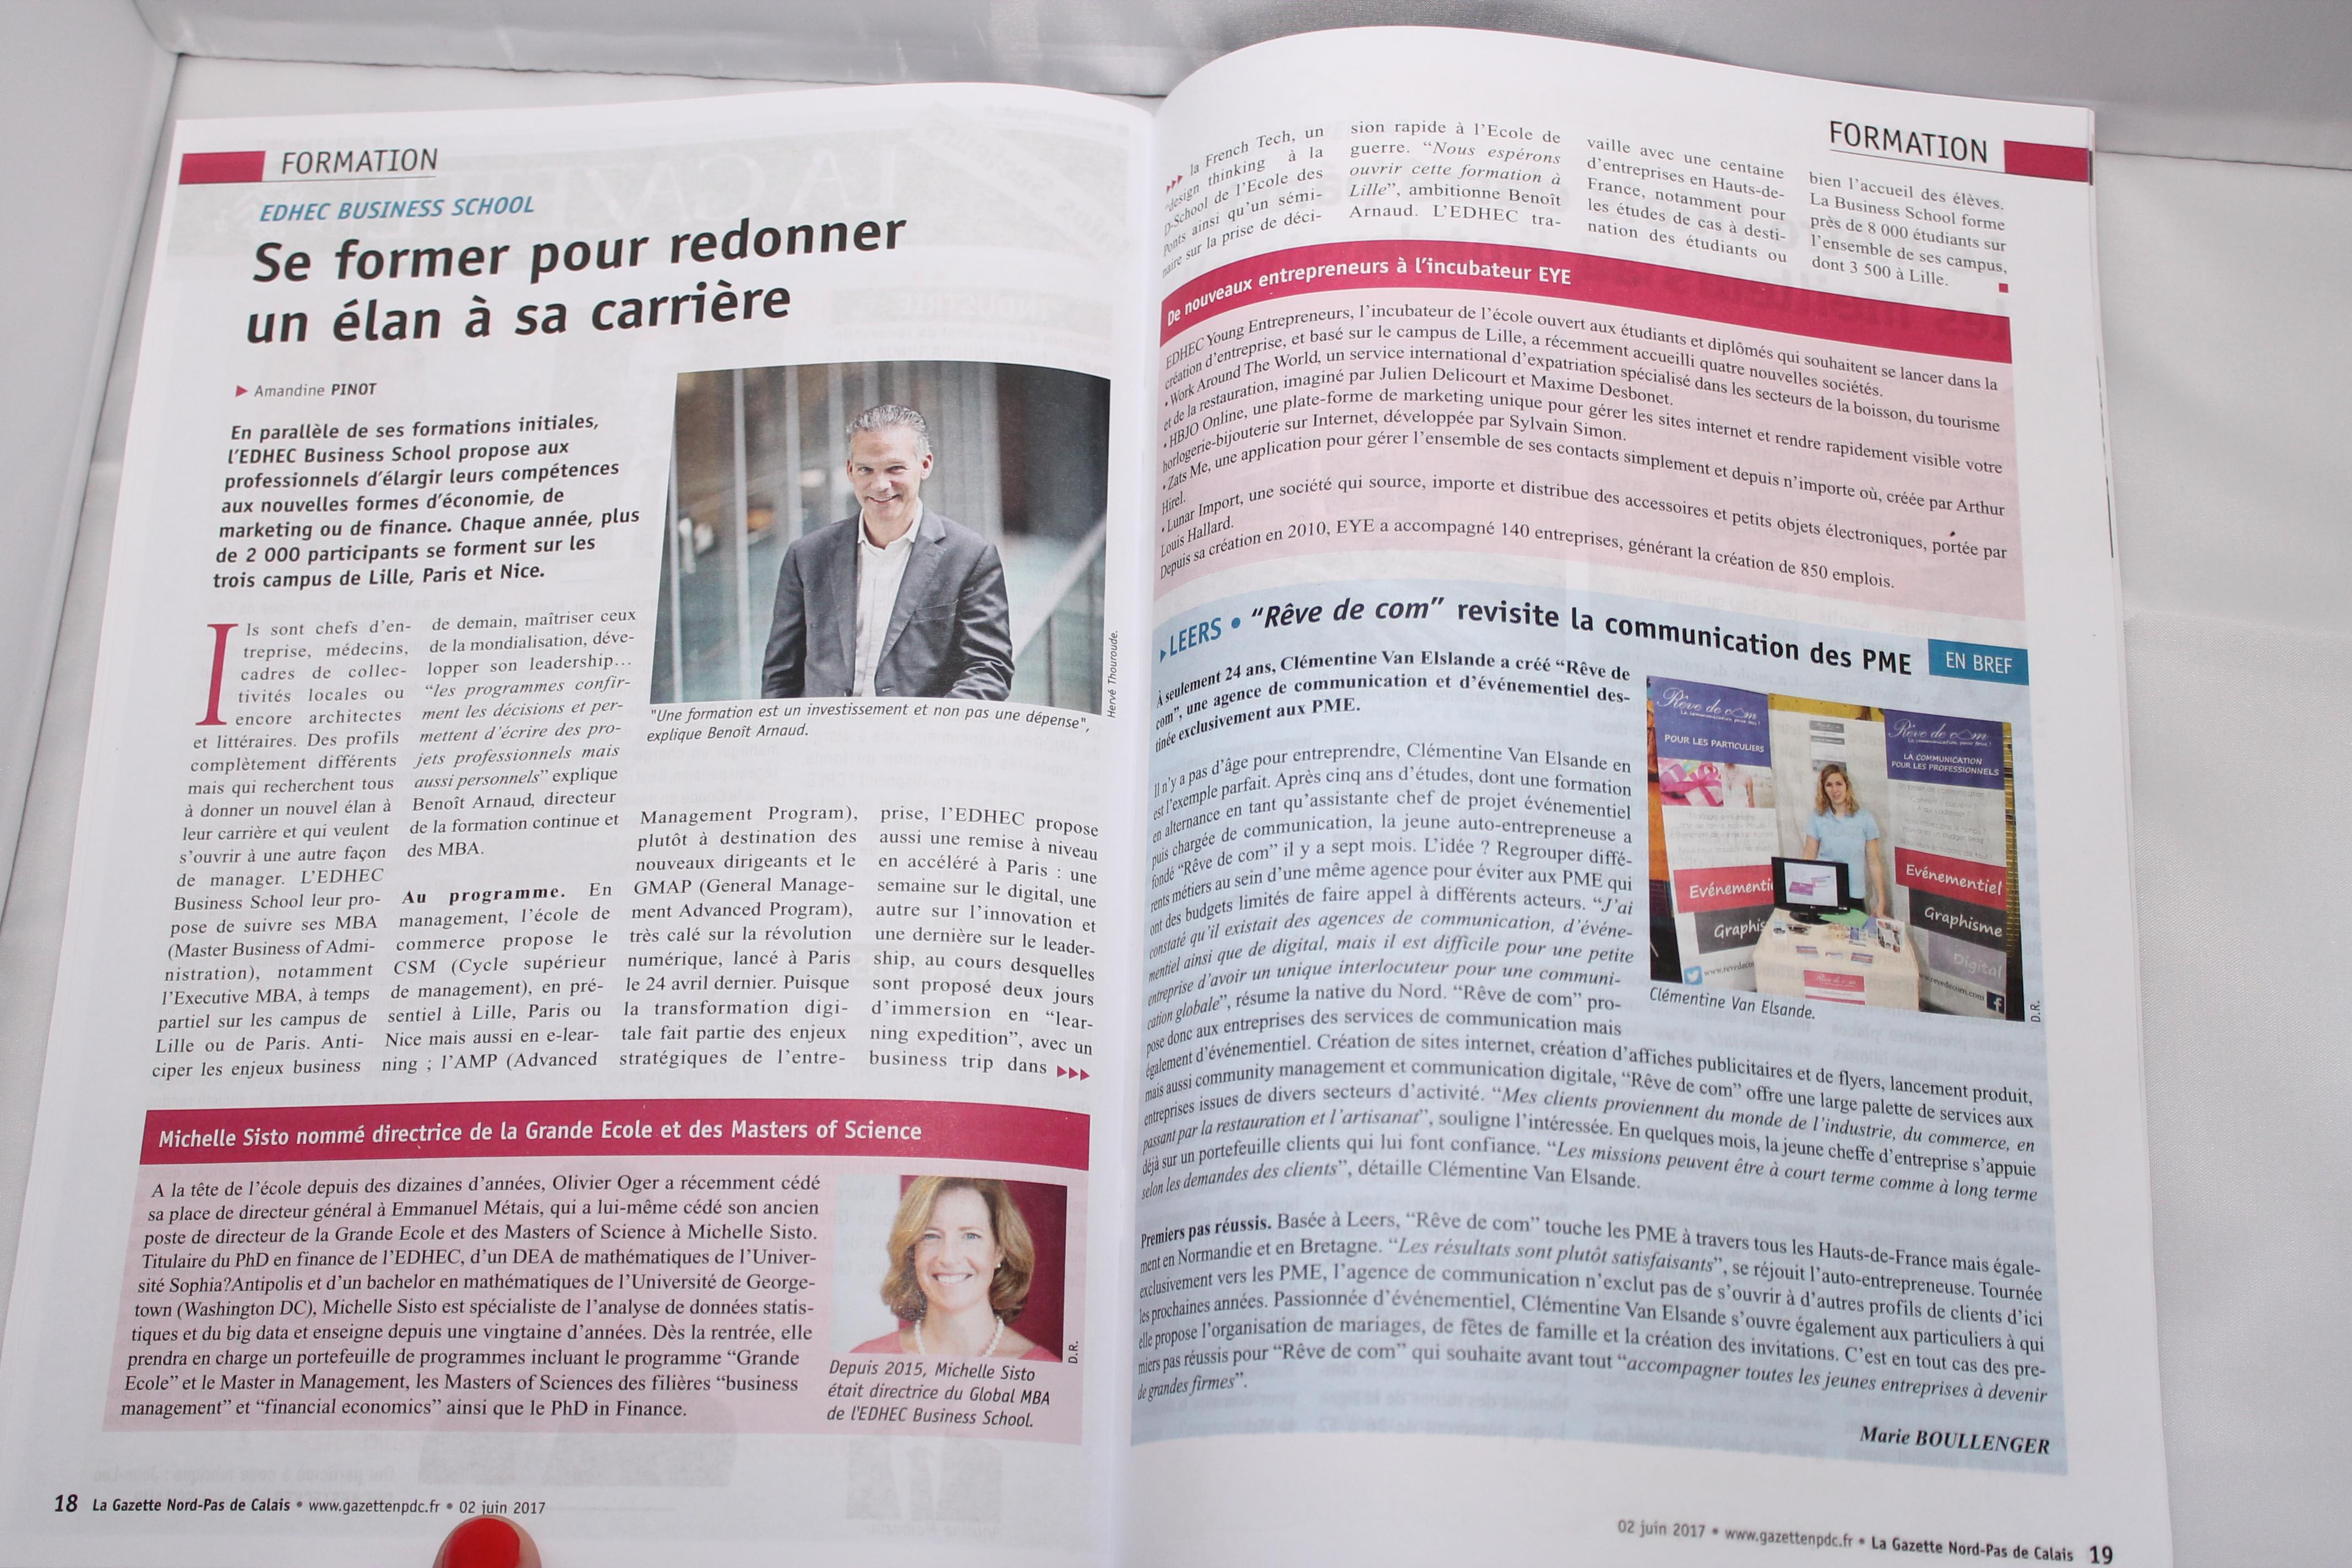 La Gazette Nord Pas de Calais et Rêve de com